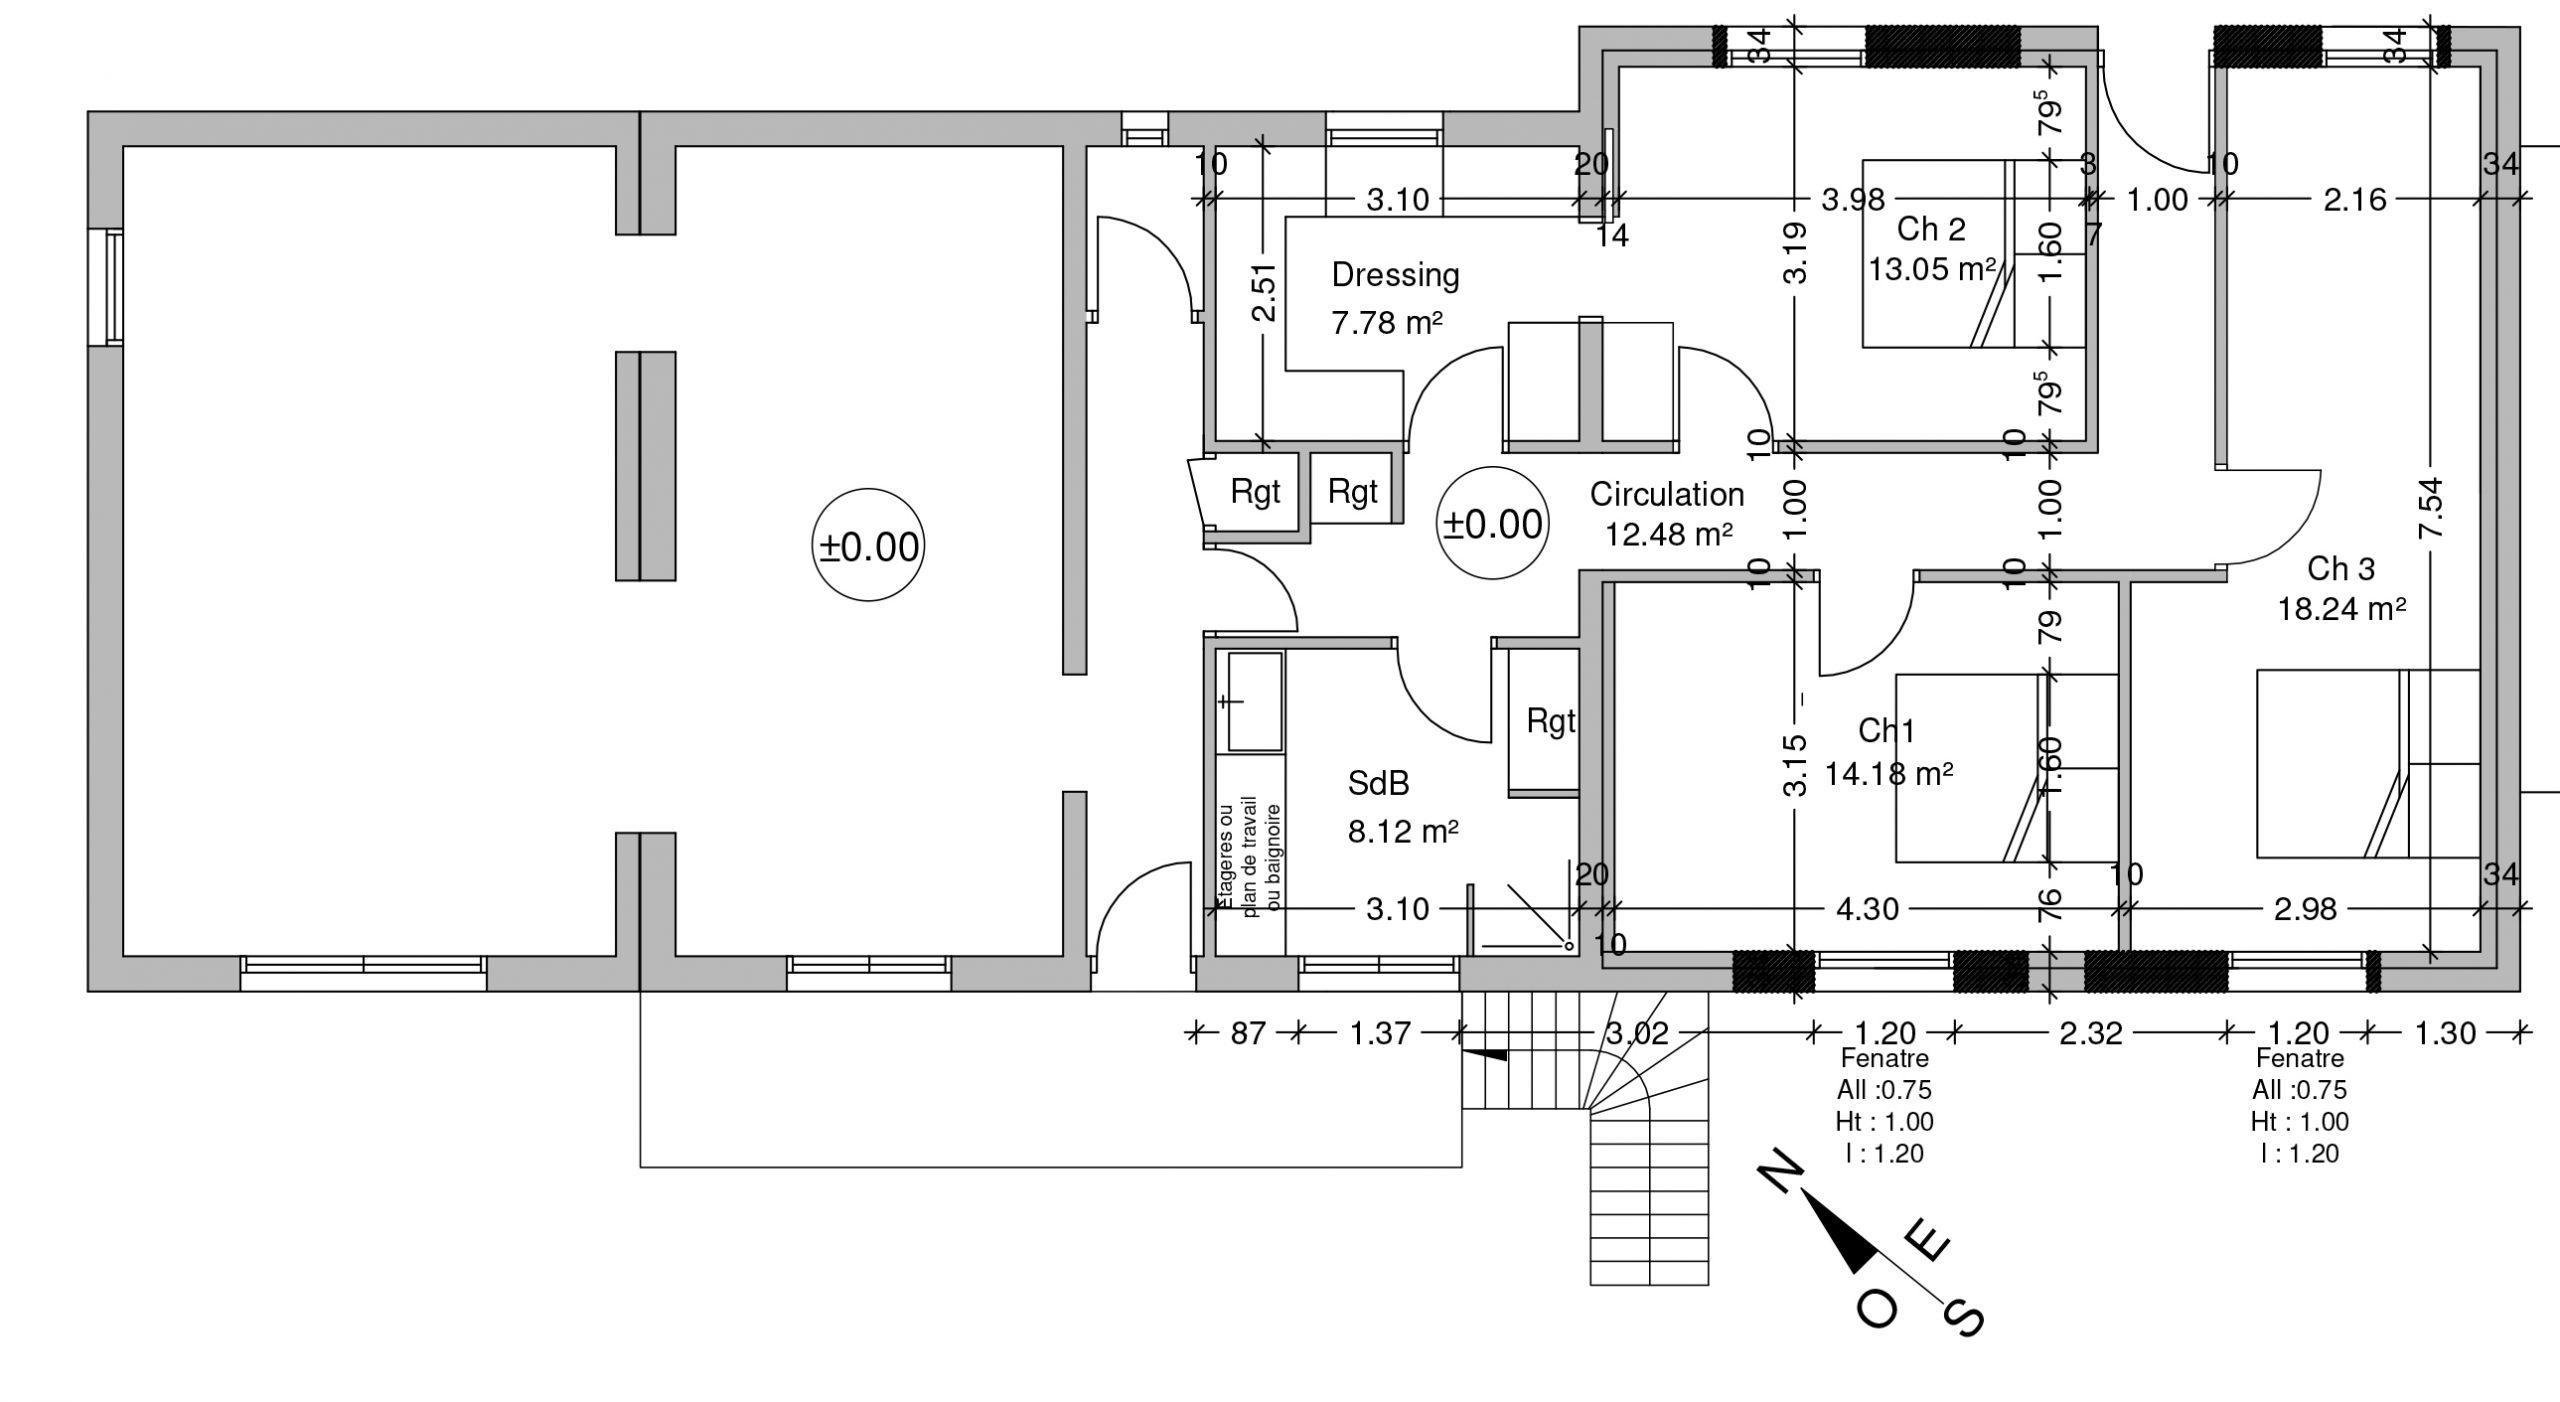 aménagement plan pour Permis Construire Changement Destination hangar en habitation St Romain